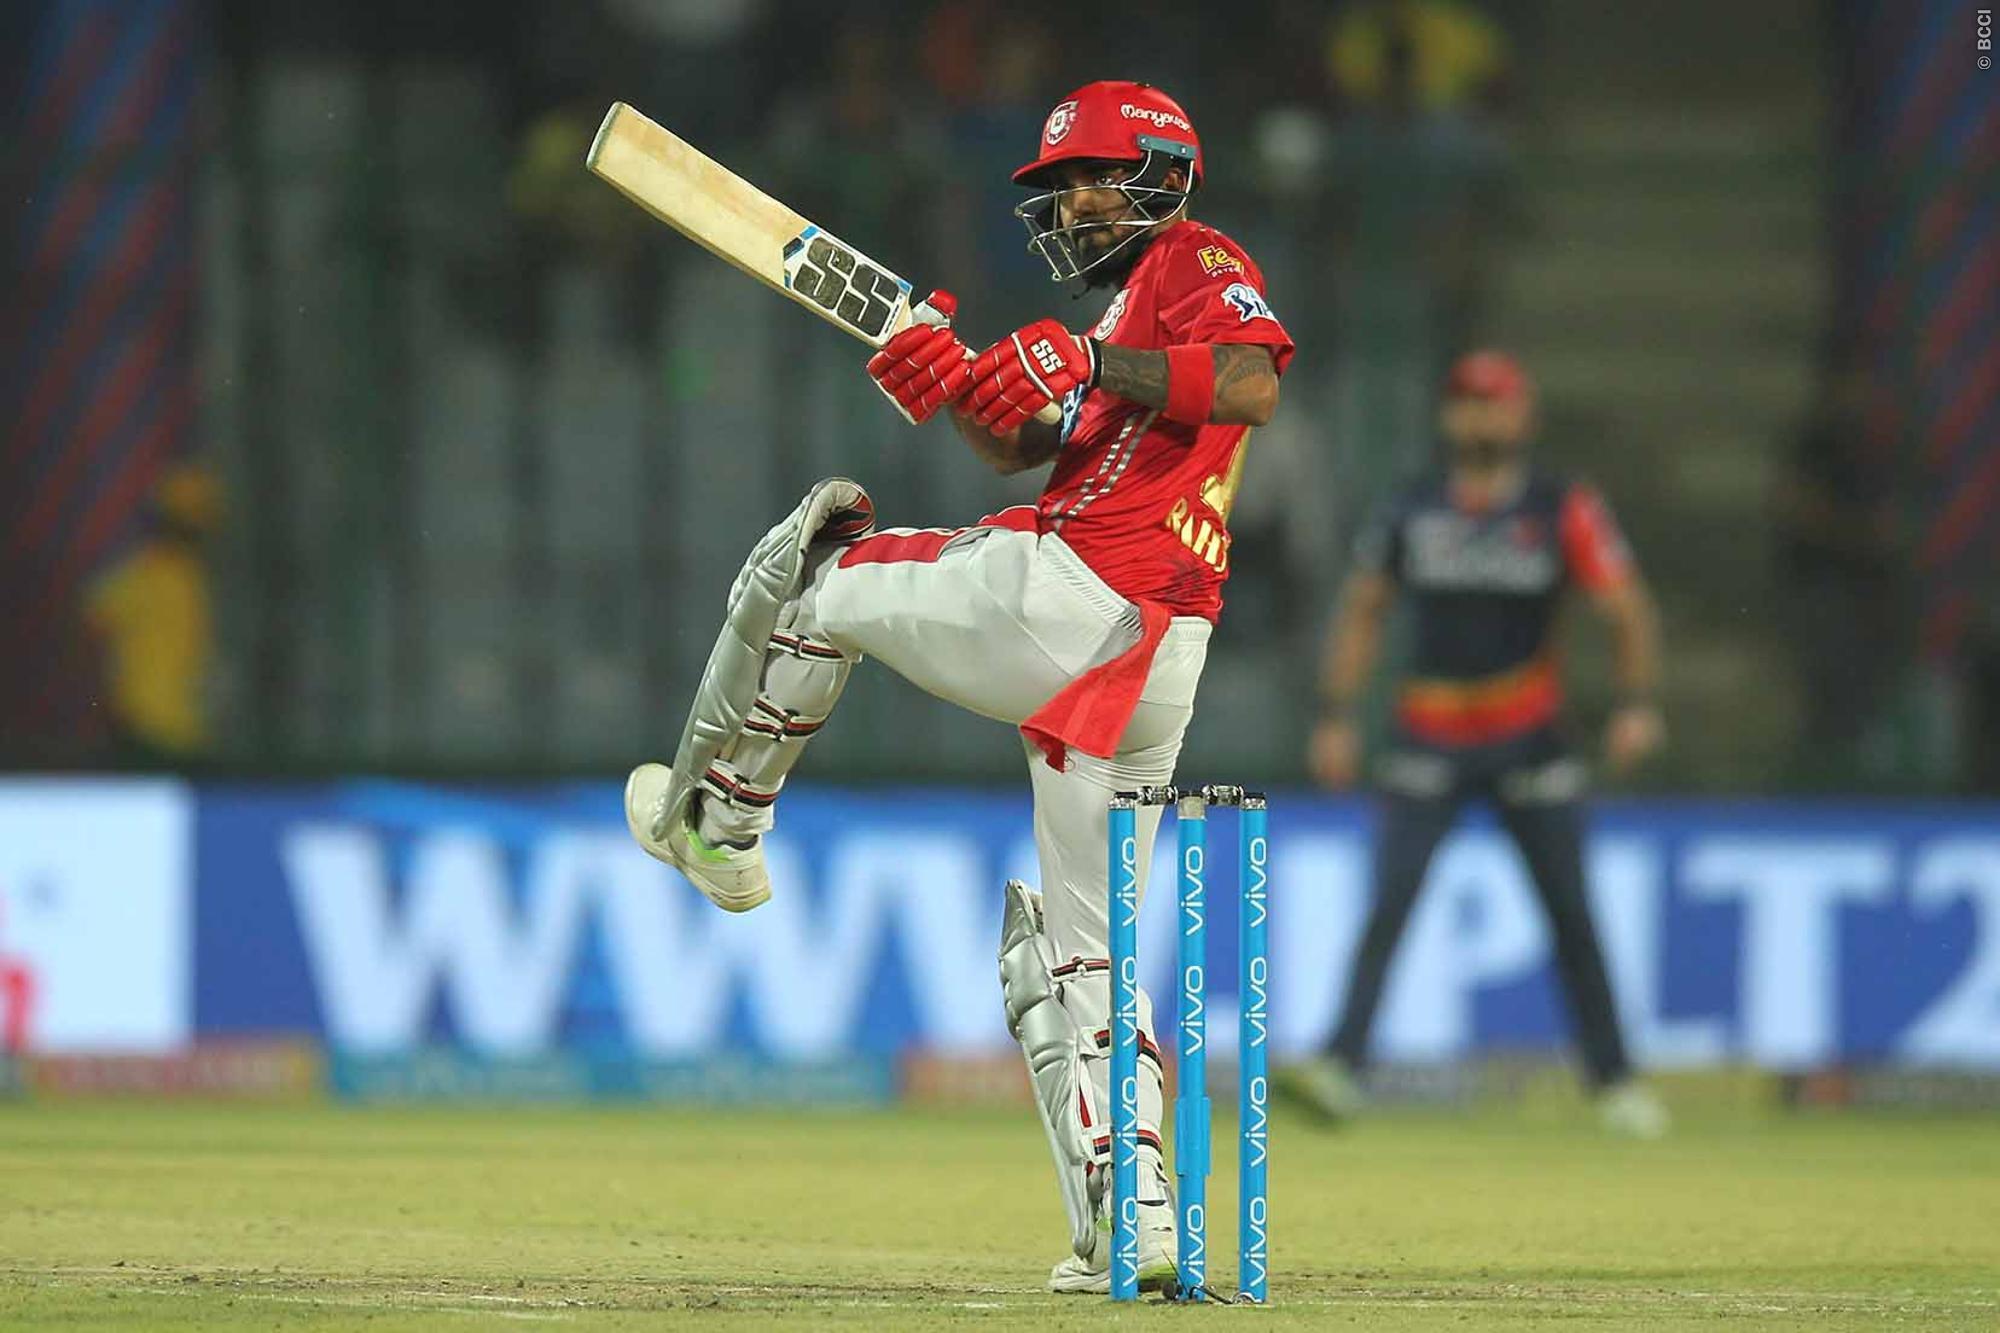 मैच रिपोर्टः गेल के बगैर उतरी पंजाब हुई धराशयी,दिल्ली को जीत के लिए 144 रनों का लक्ष्य